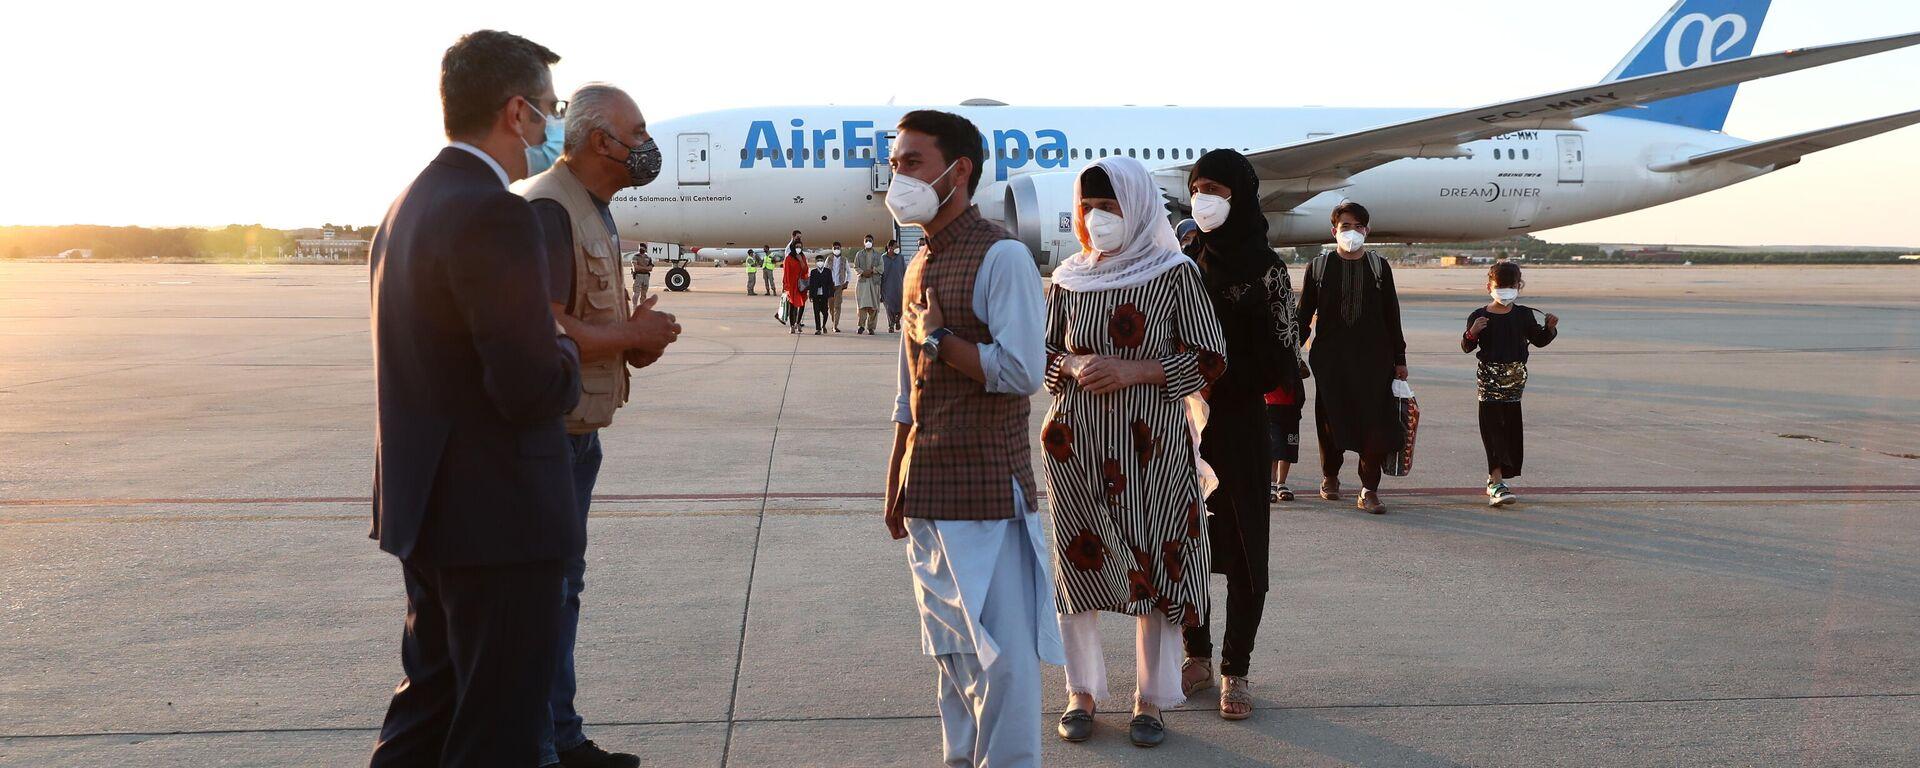 La llegada del segundo avión con los colaboradores del Gobierno español en Afganistán - Sputnik Mundo, 1920, 27.08.2021